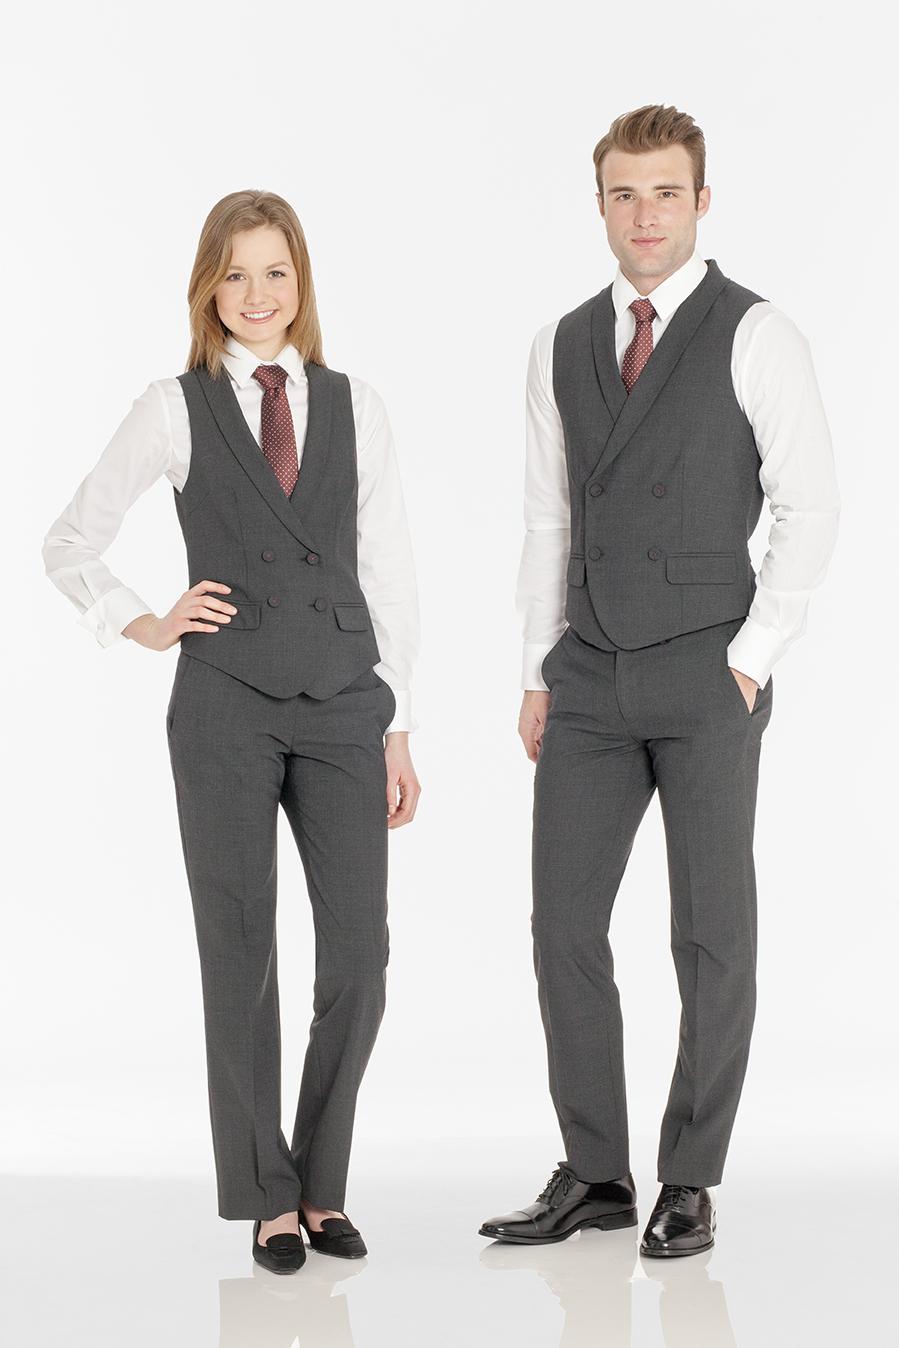 Vest 1105/1250 Shirt 500FC/1000FC Pant 112/283 Tie 1420